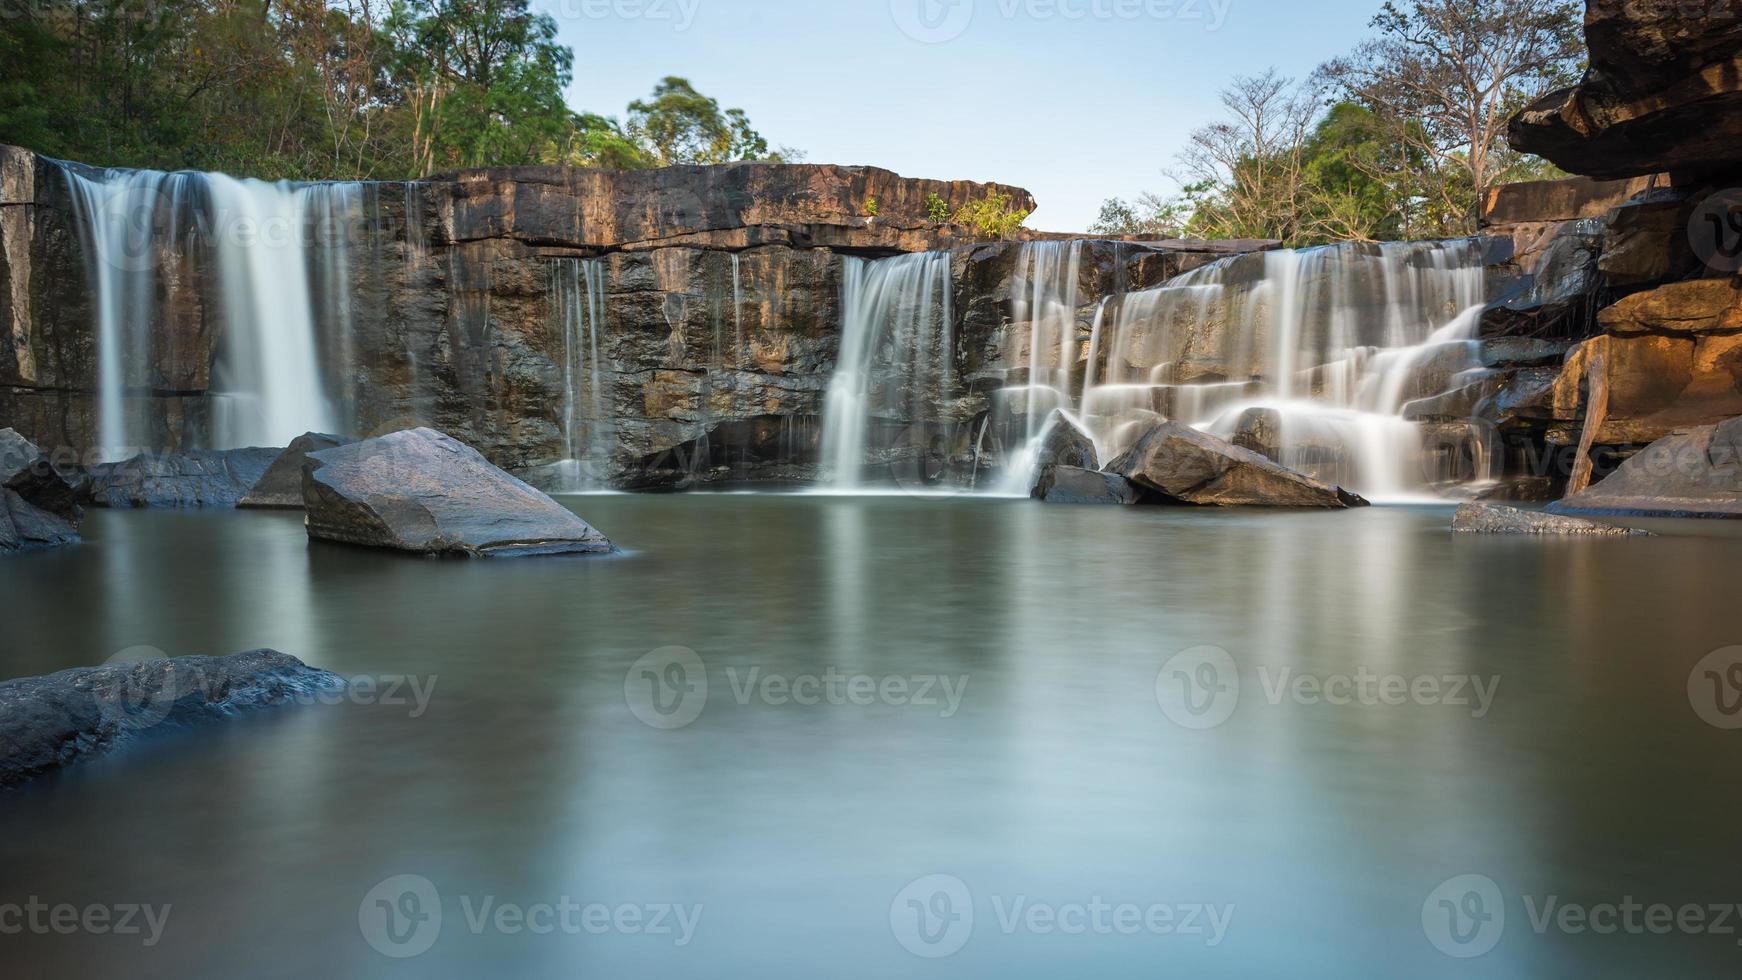 tikkeltje stenen waterval foto